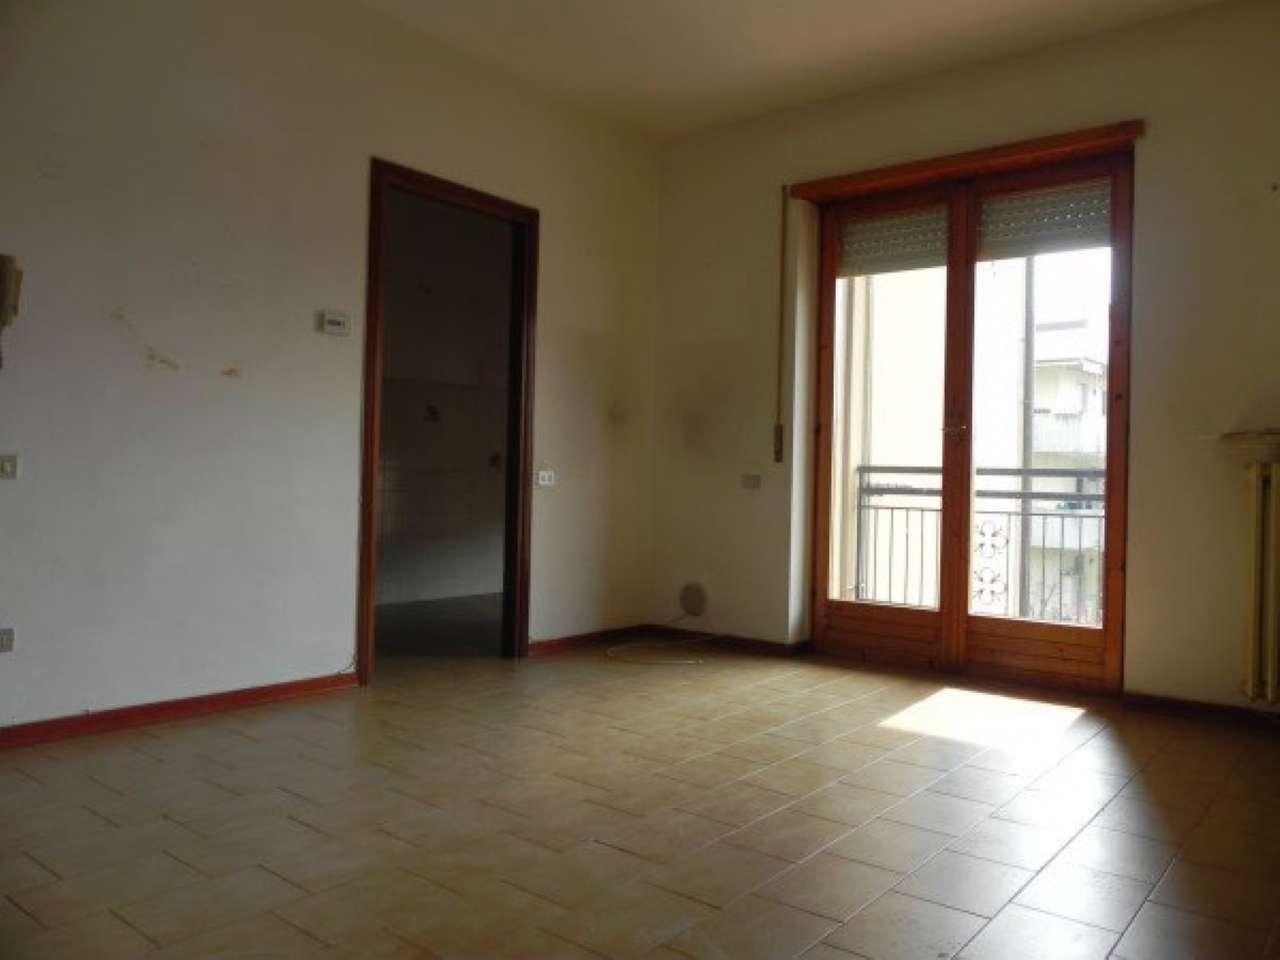 Appartamento in affitto a Povegliano Veronese, 3 locali, prezzo € 450 | CambioCasa.it